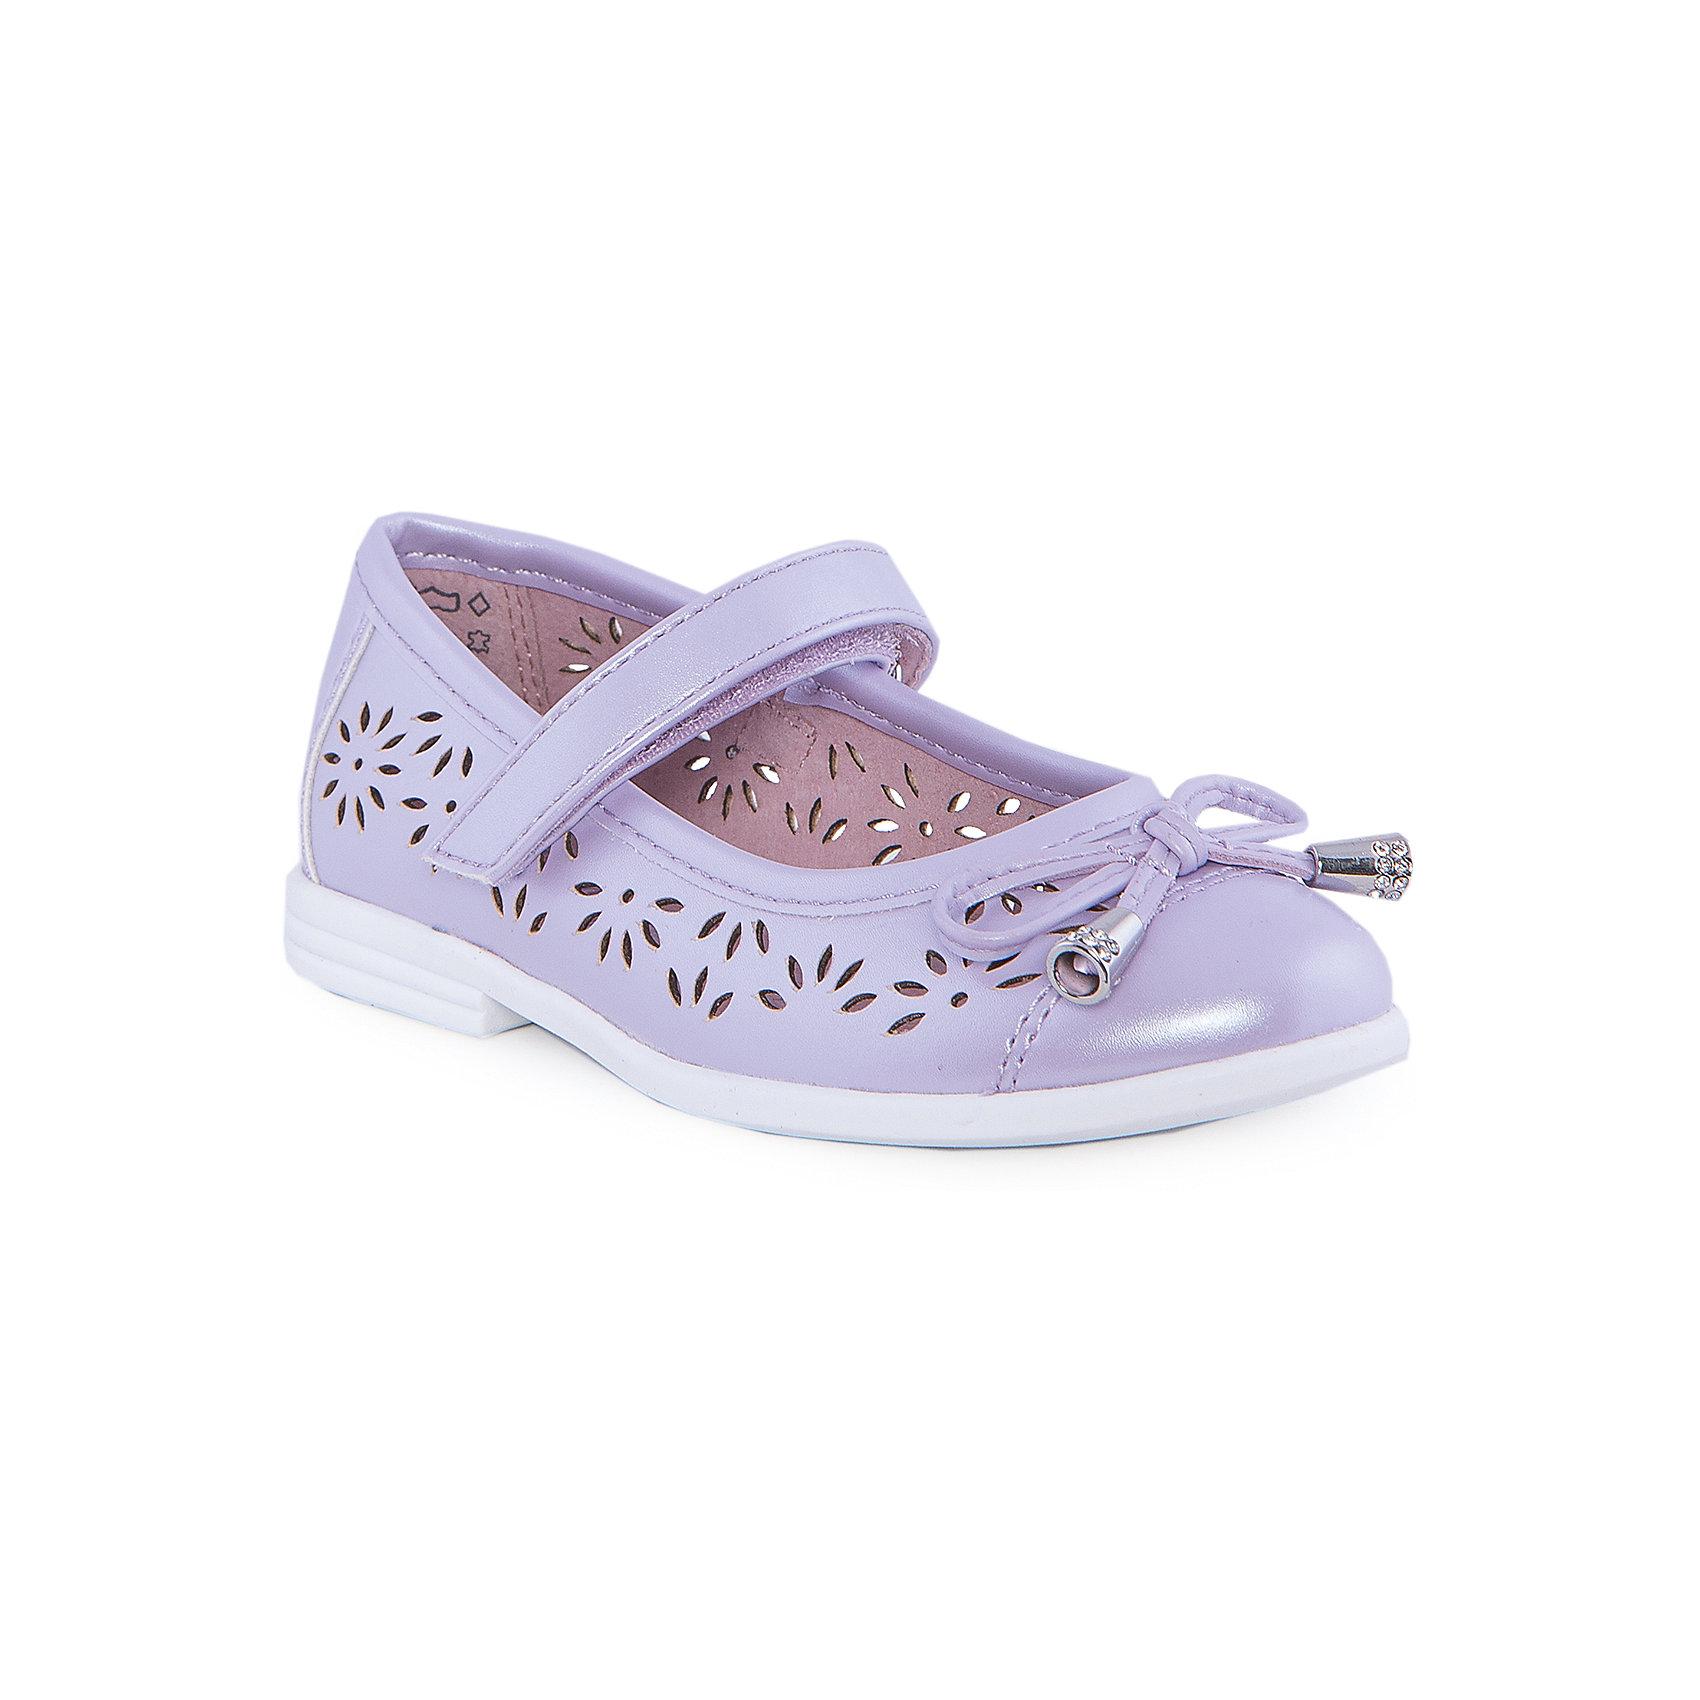 Туфли для девочки КотофейТуфли для девочки от известного российского бренда Котофей <br><br>Удобные туфли выполнены в красивом сиреневом цвете, украшены перфорацией. <br>Модель легко надевается. Удобная подошва позволяет избегать скольжения практически на любой поверхности.<br><br>Особенности модели:<br><br>- цвет: сиреневый;<br>- тонкая гибкая подошва;<br>- застежка: липучка;<br>- вид крепления обуви: клеевой;<br>- качественные материалы;<br>- декорированы вырубленным узором и бантом;<br>- хорошее облегание.<br><br>Дополнительная информация:<br><br>Состав: <br><br>верх - искусственная кожа;<br>подошва - ТЭП.<br><br>Туфли для девочки Котофей можно купить в нашем магазине.<br><br>Ширина мм: 227<br>Глубина мм: 145<br>Высота мм: 124<br>Вес г: 325<br>Цвет: фиолетовый<br>Возраст от месяцев: 24<br>Возраст до месяцев: 36<br>Пол: Женский<br>Возраст: Детский<br>Размер: 26,25,28,29,27<br>SKU: 4565845